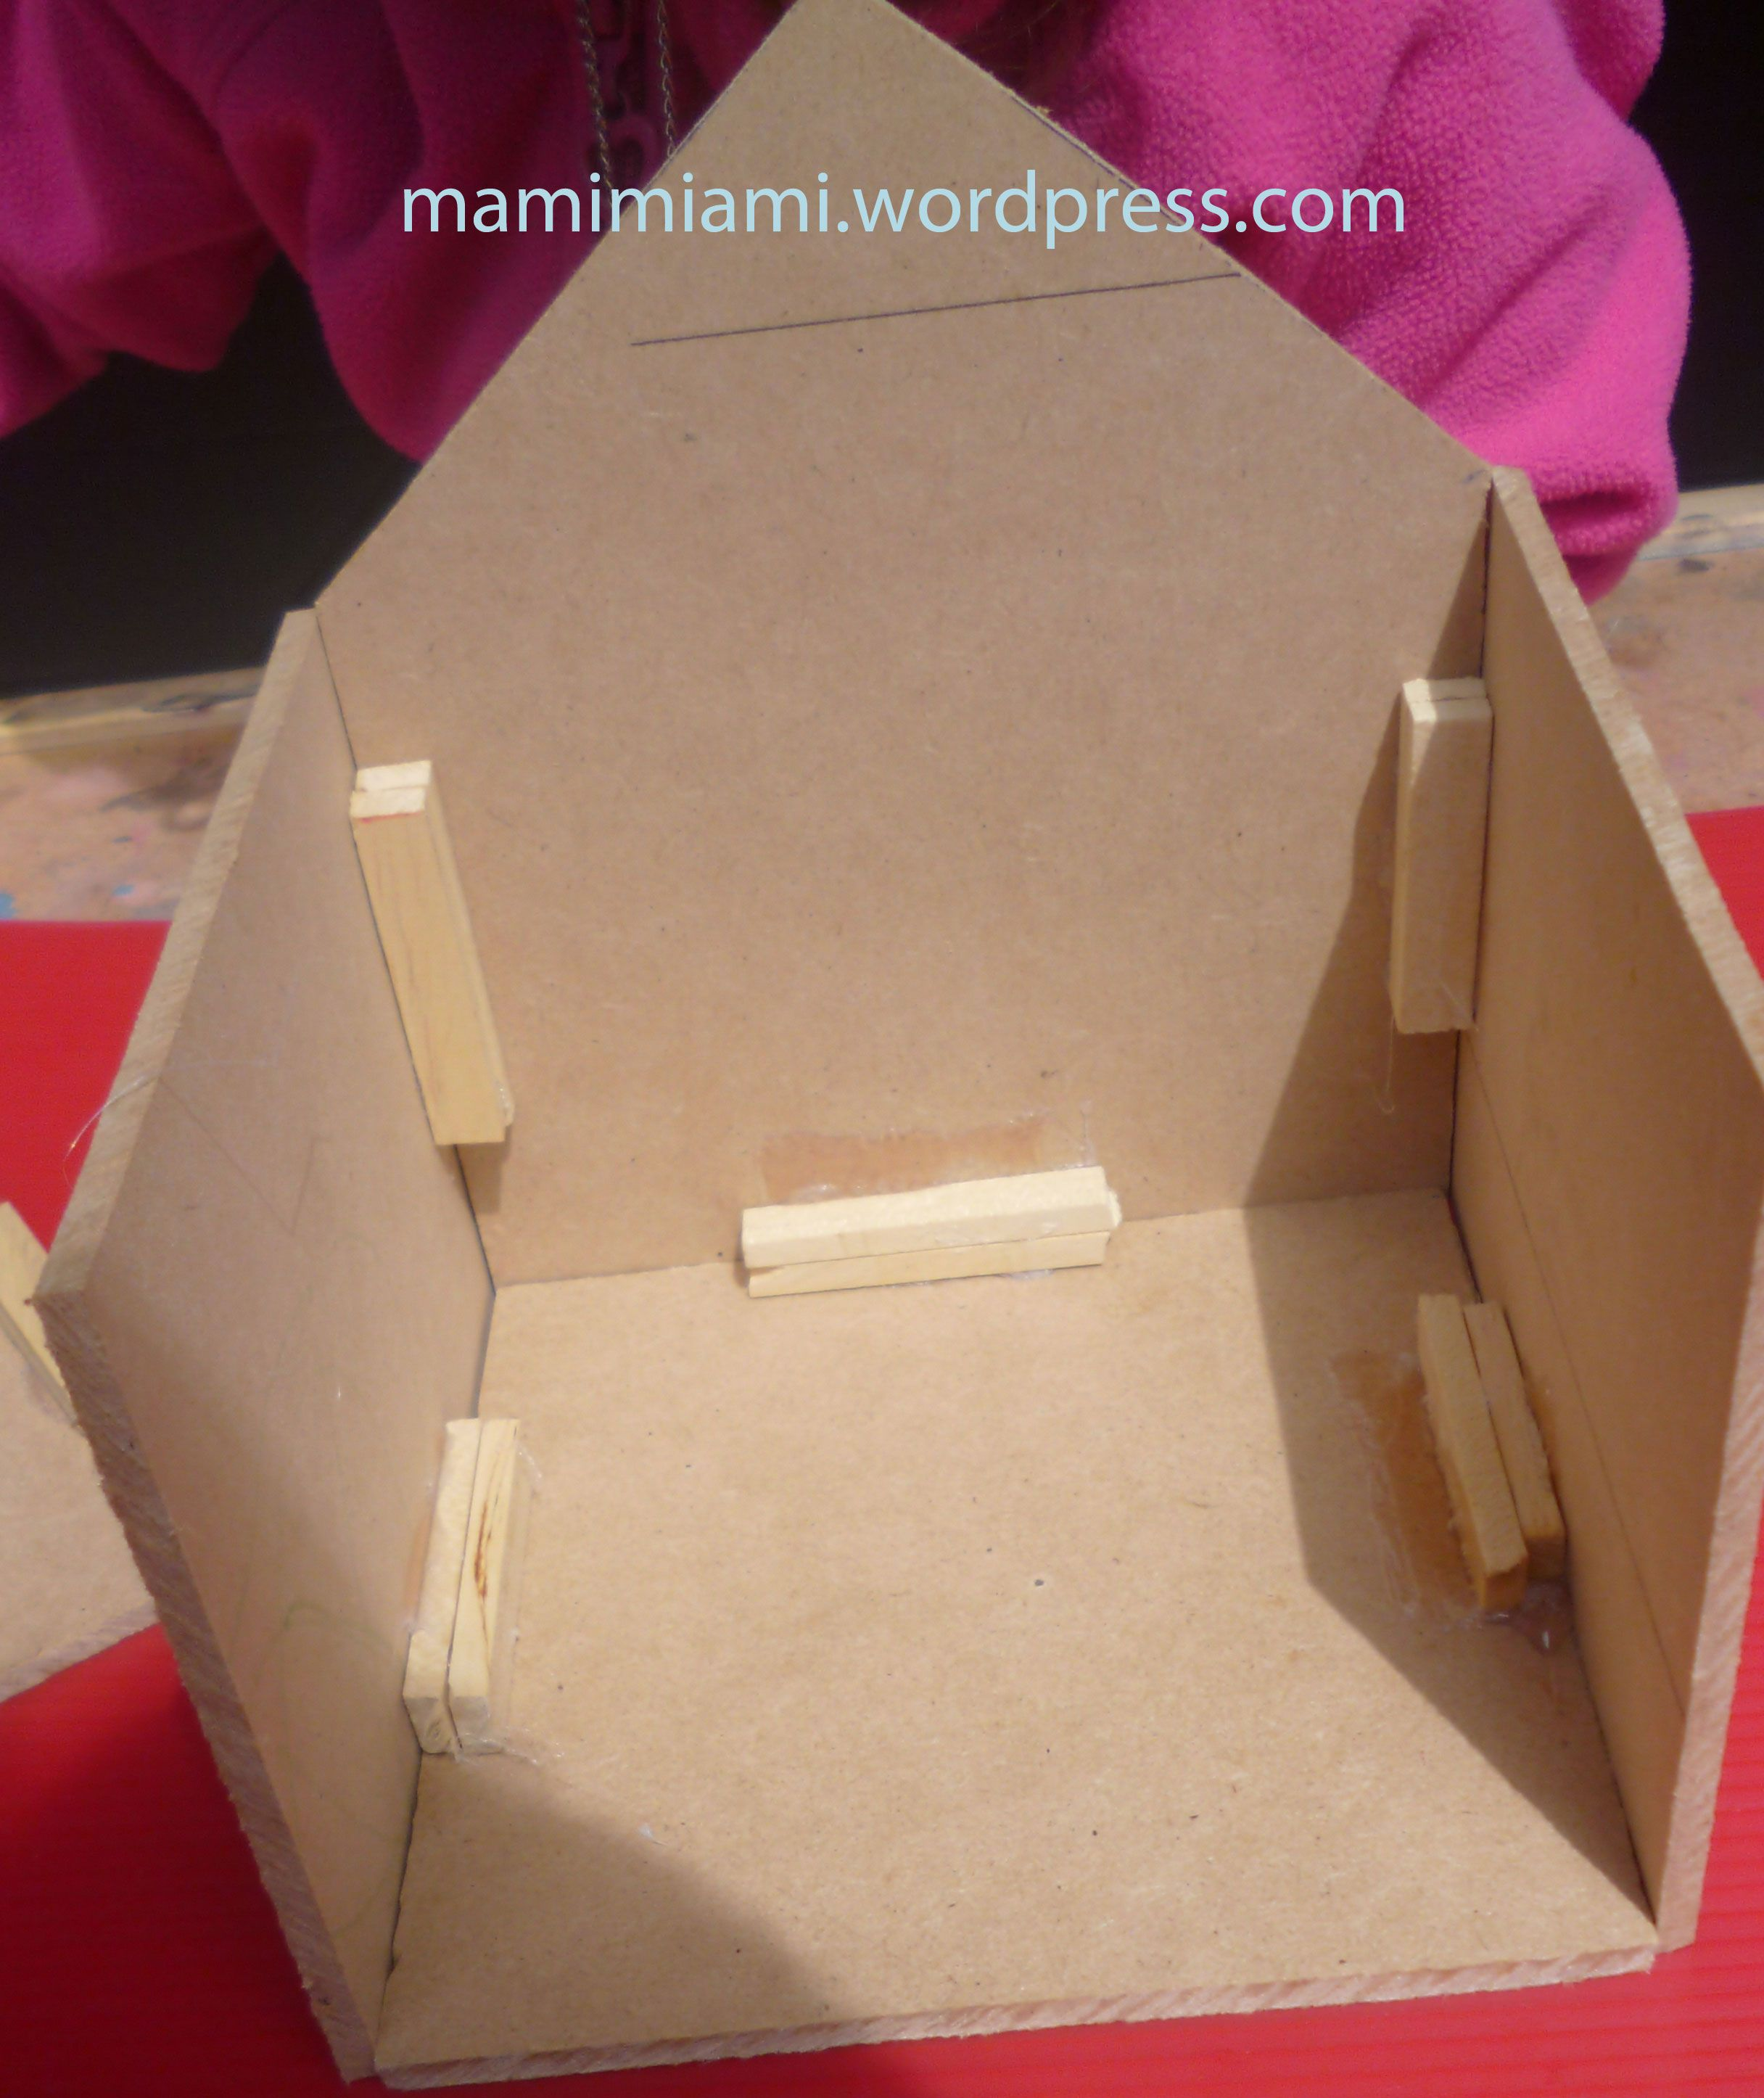 Diy come costruire una casetta per gli uccelli - Costruire una casetta ...